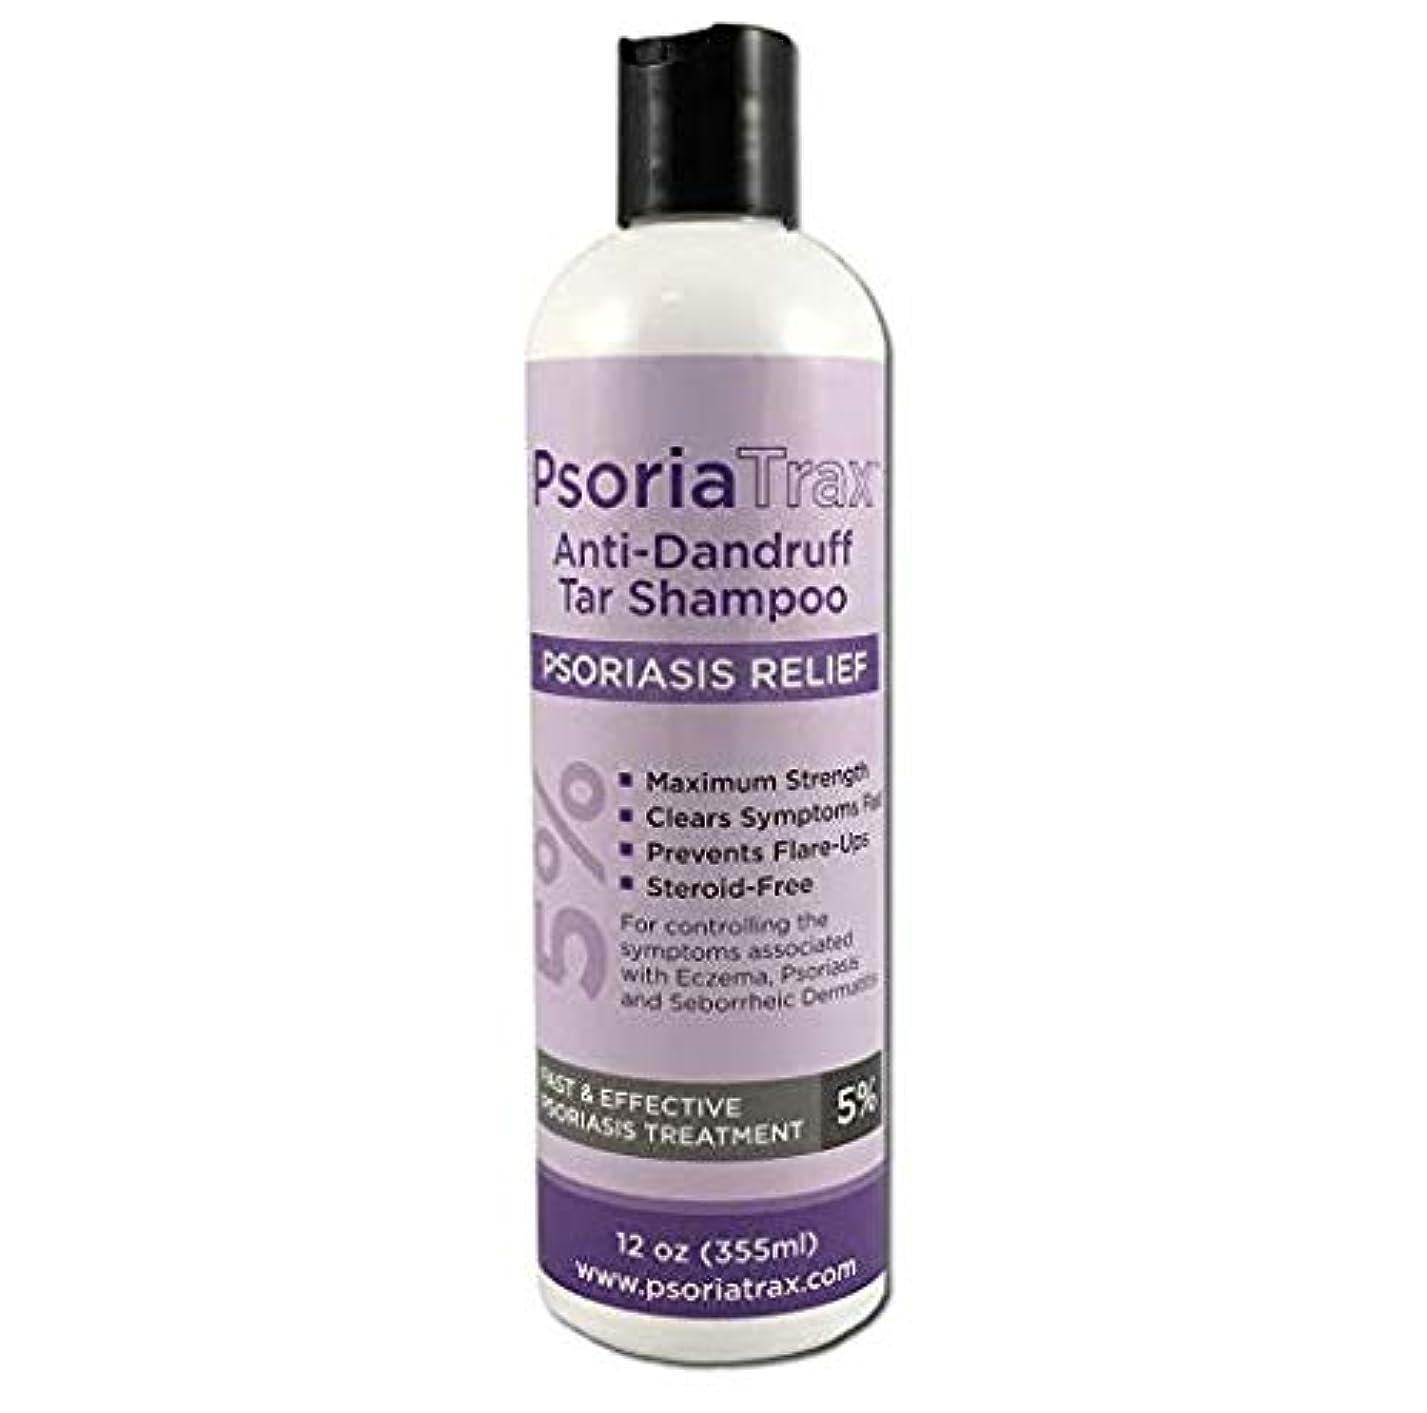 5%コールタール含有 かん癬用シャンプー Coal Tar Psoriasis Shampoo Psoriatrax 25% Coal Tar Solution 12oz Bottles- Psoriasis - Equivalent...